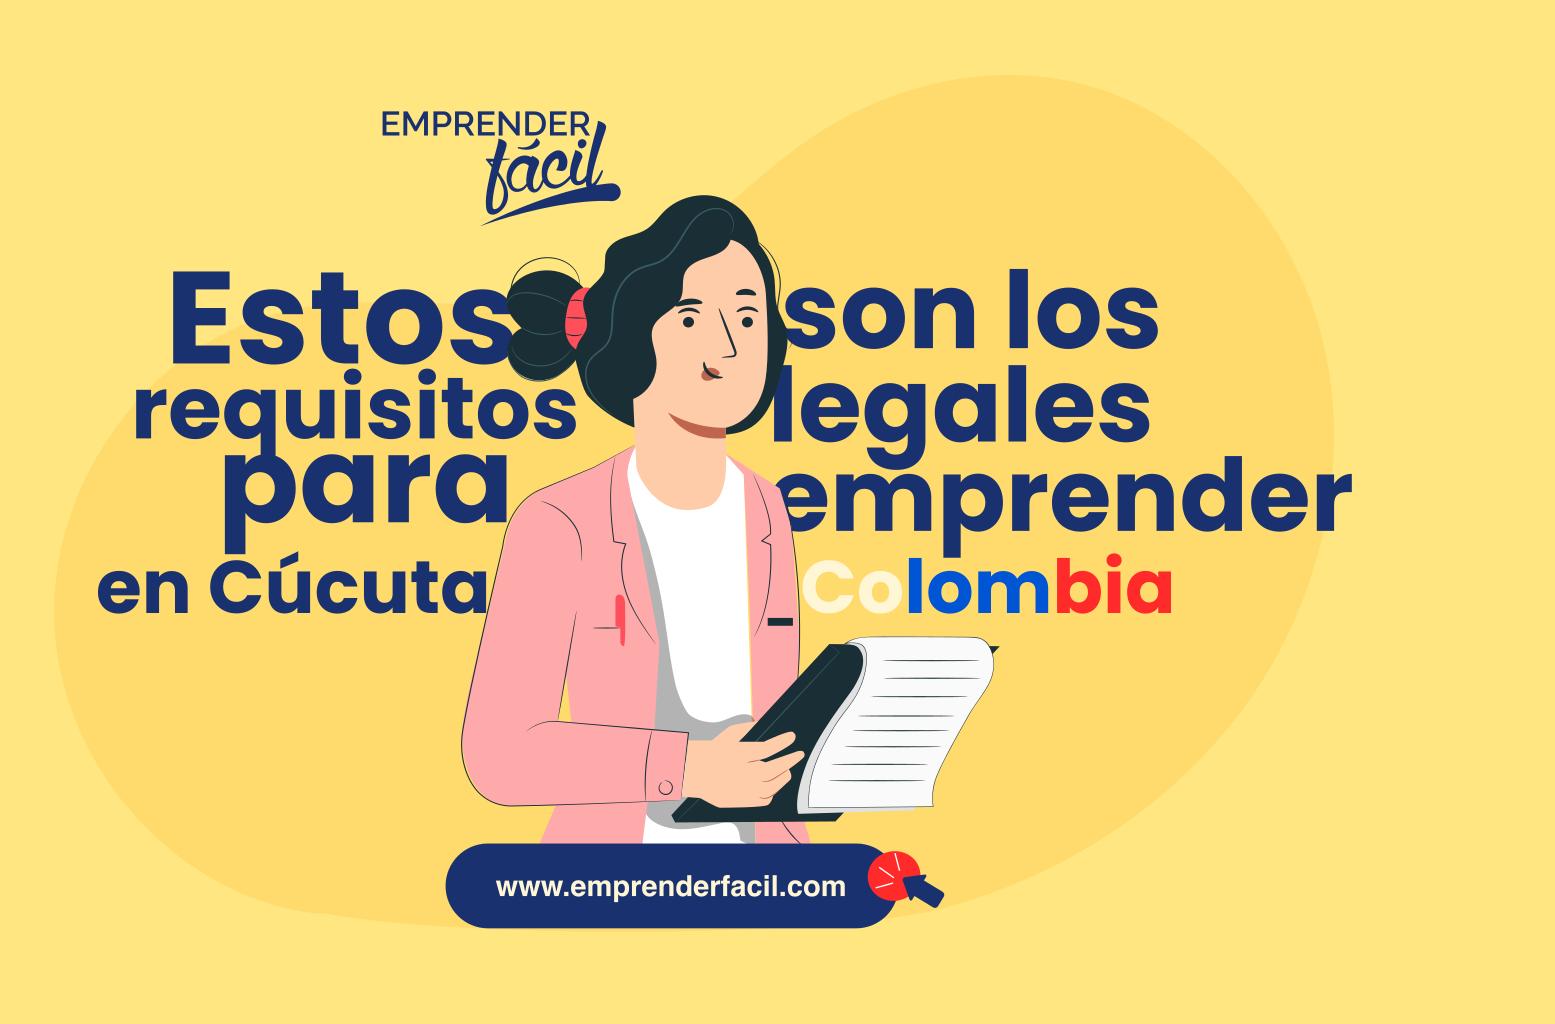 ¿Cuáles son los requisitos para emprender en Cúcuta?